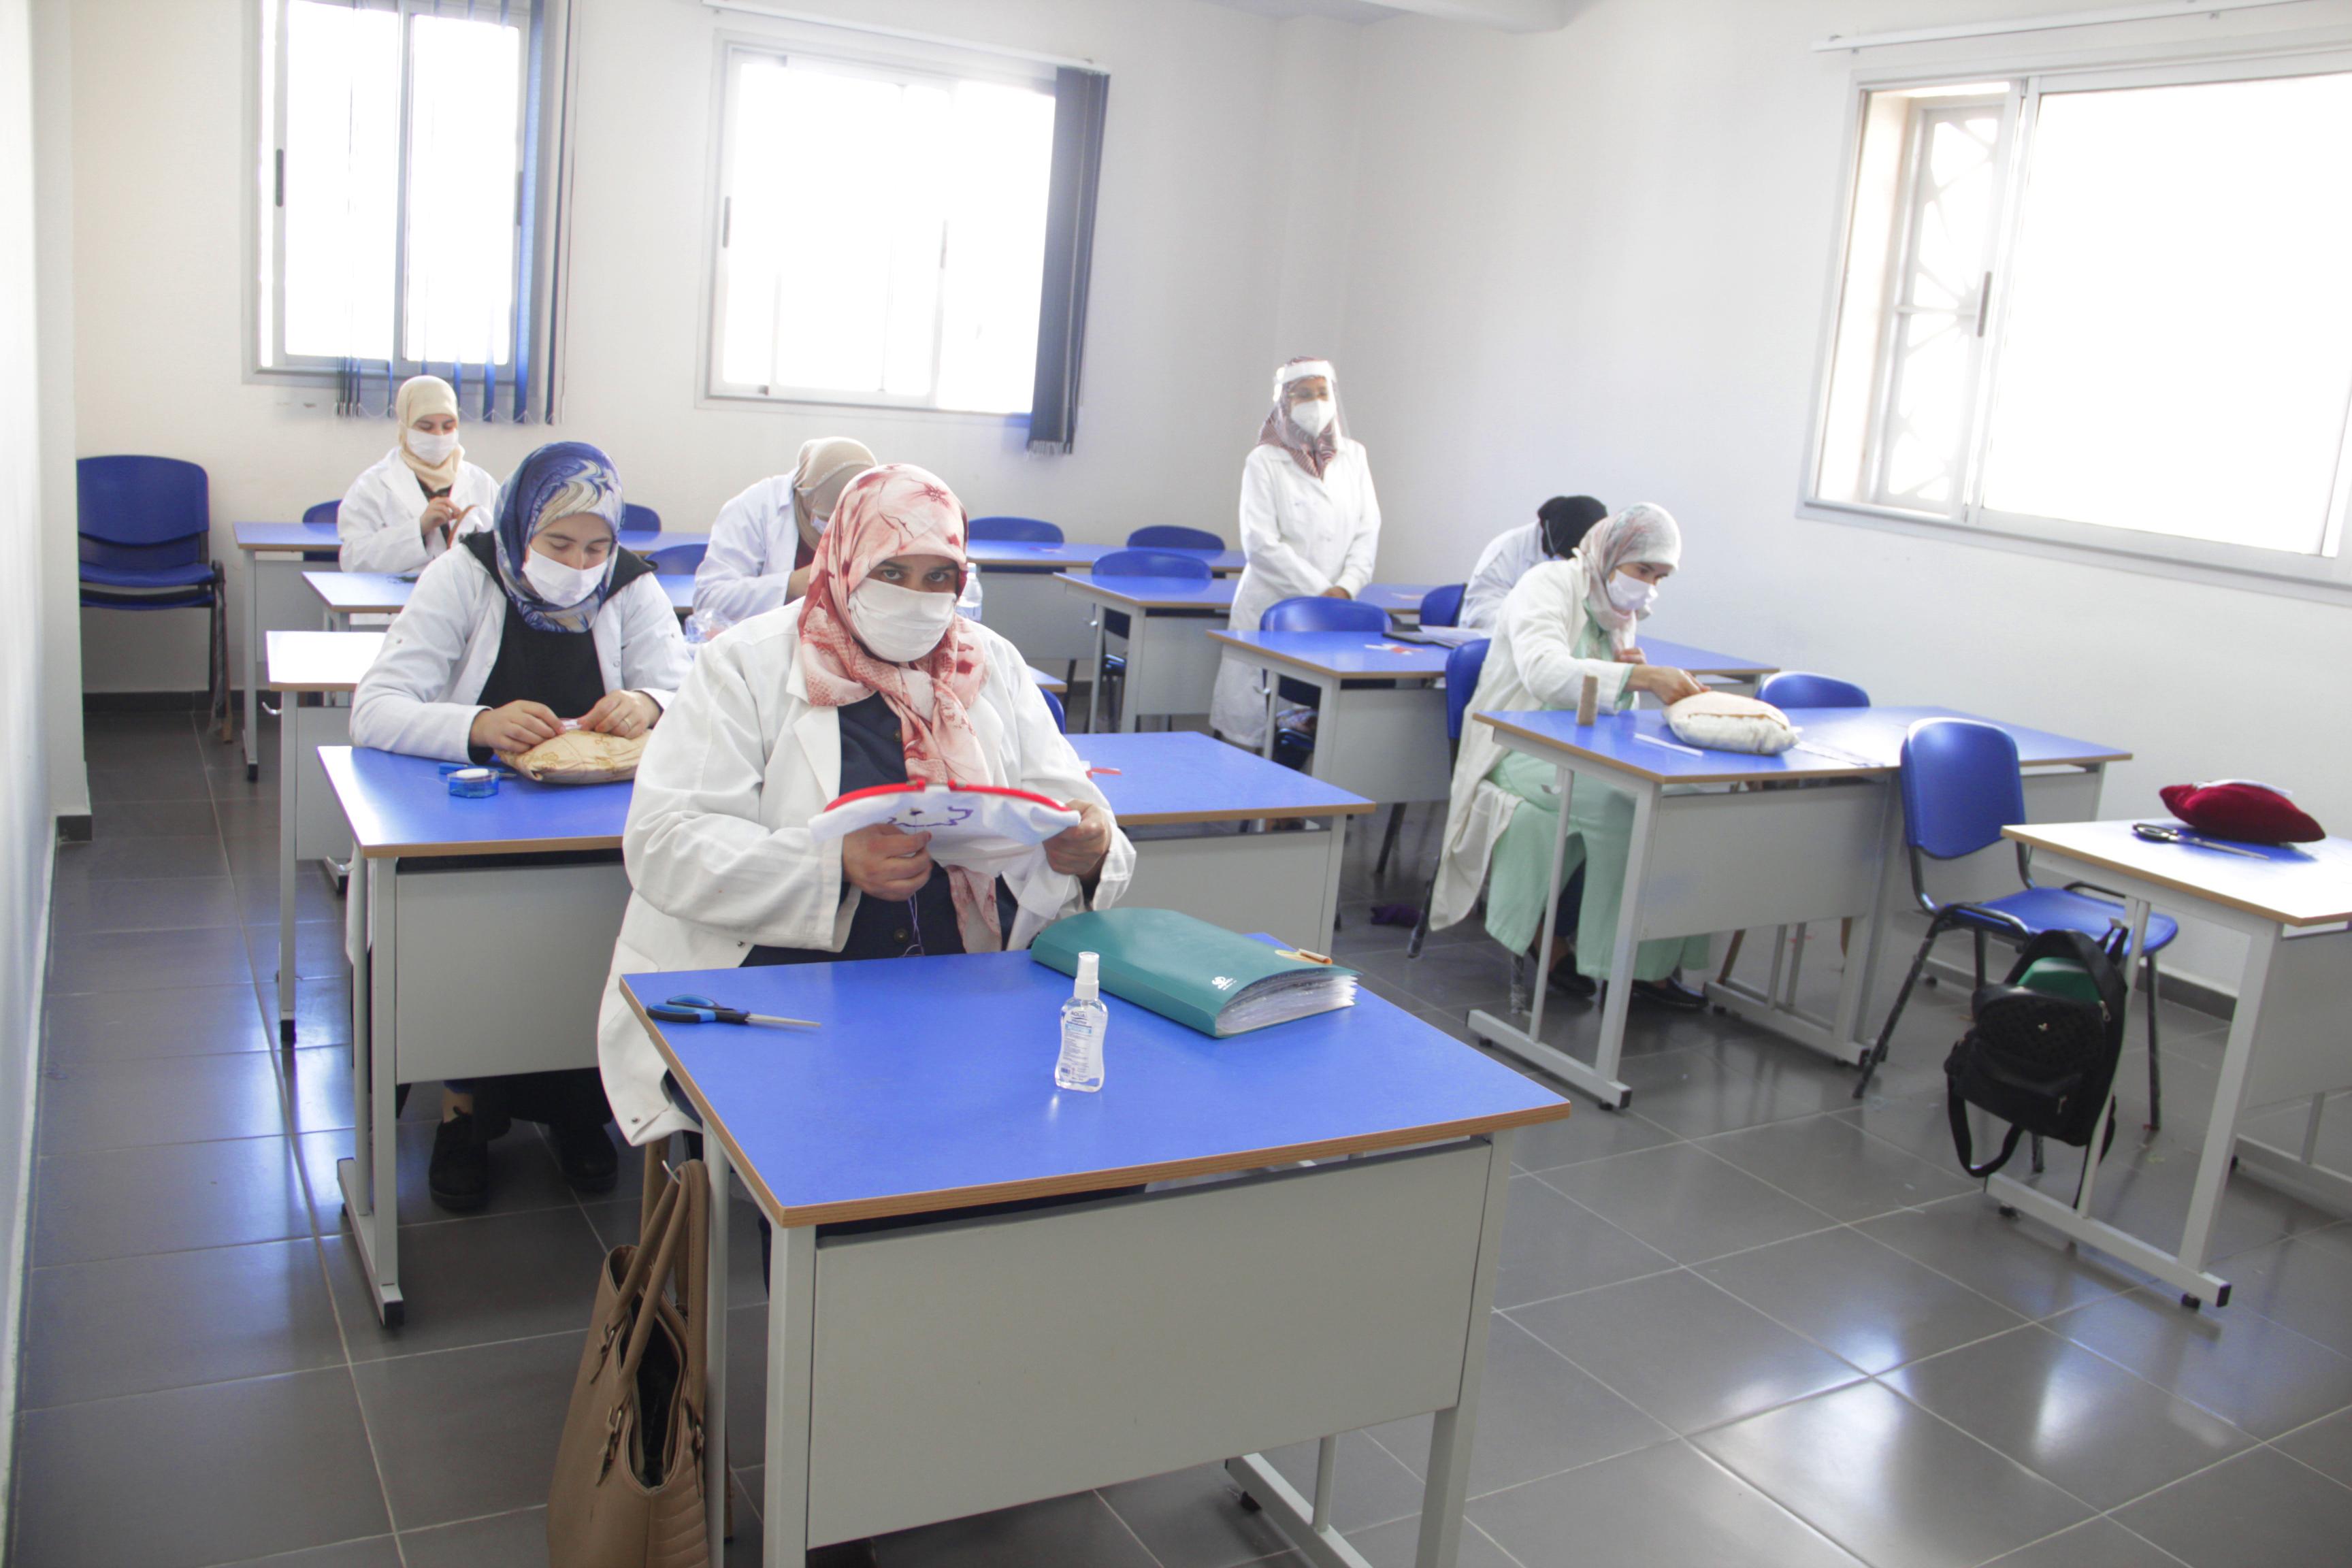 مركز التربية والتكوين للمرأة بني مكادة القديمة: فرصة للتمكين الاقتصادي للنساء